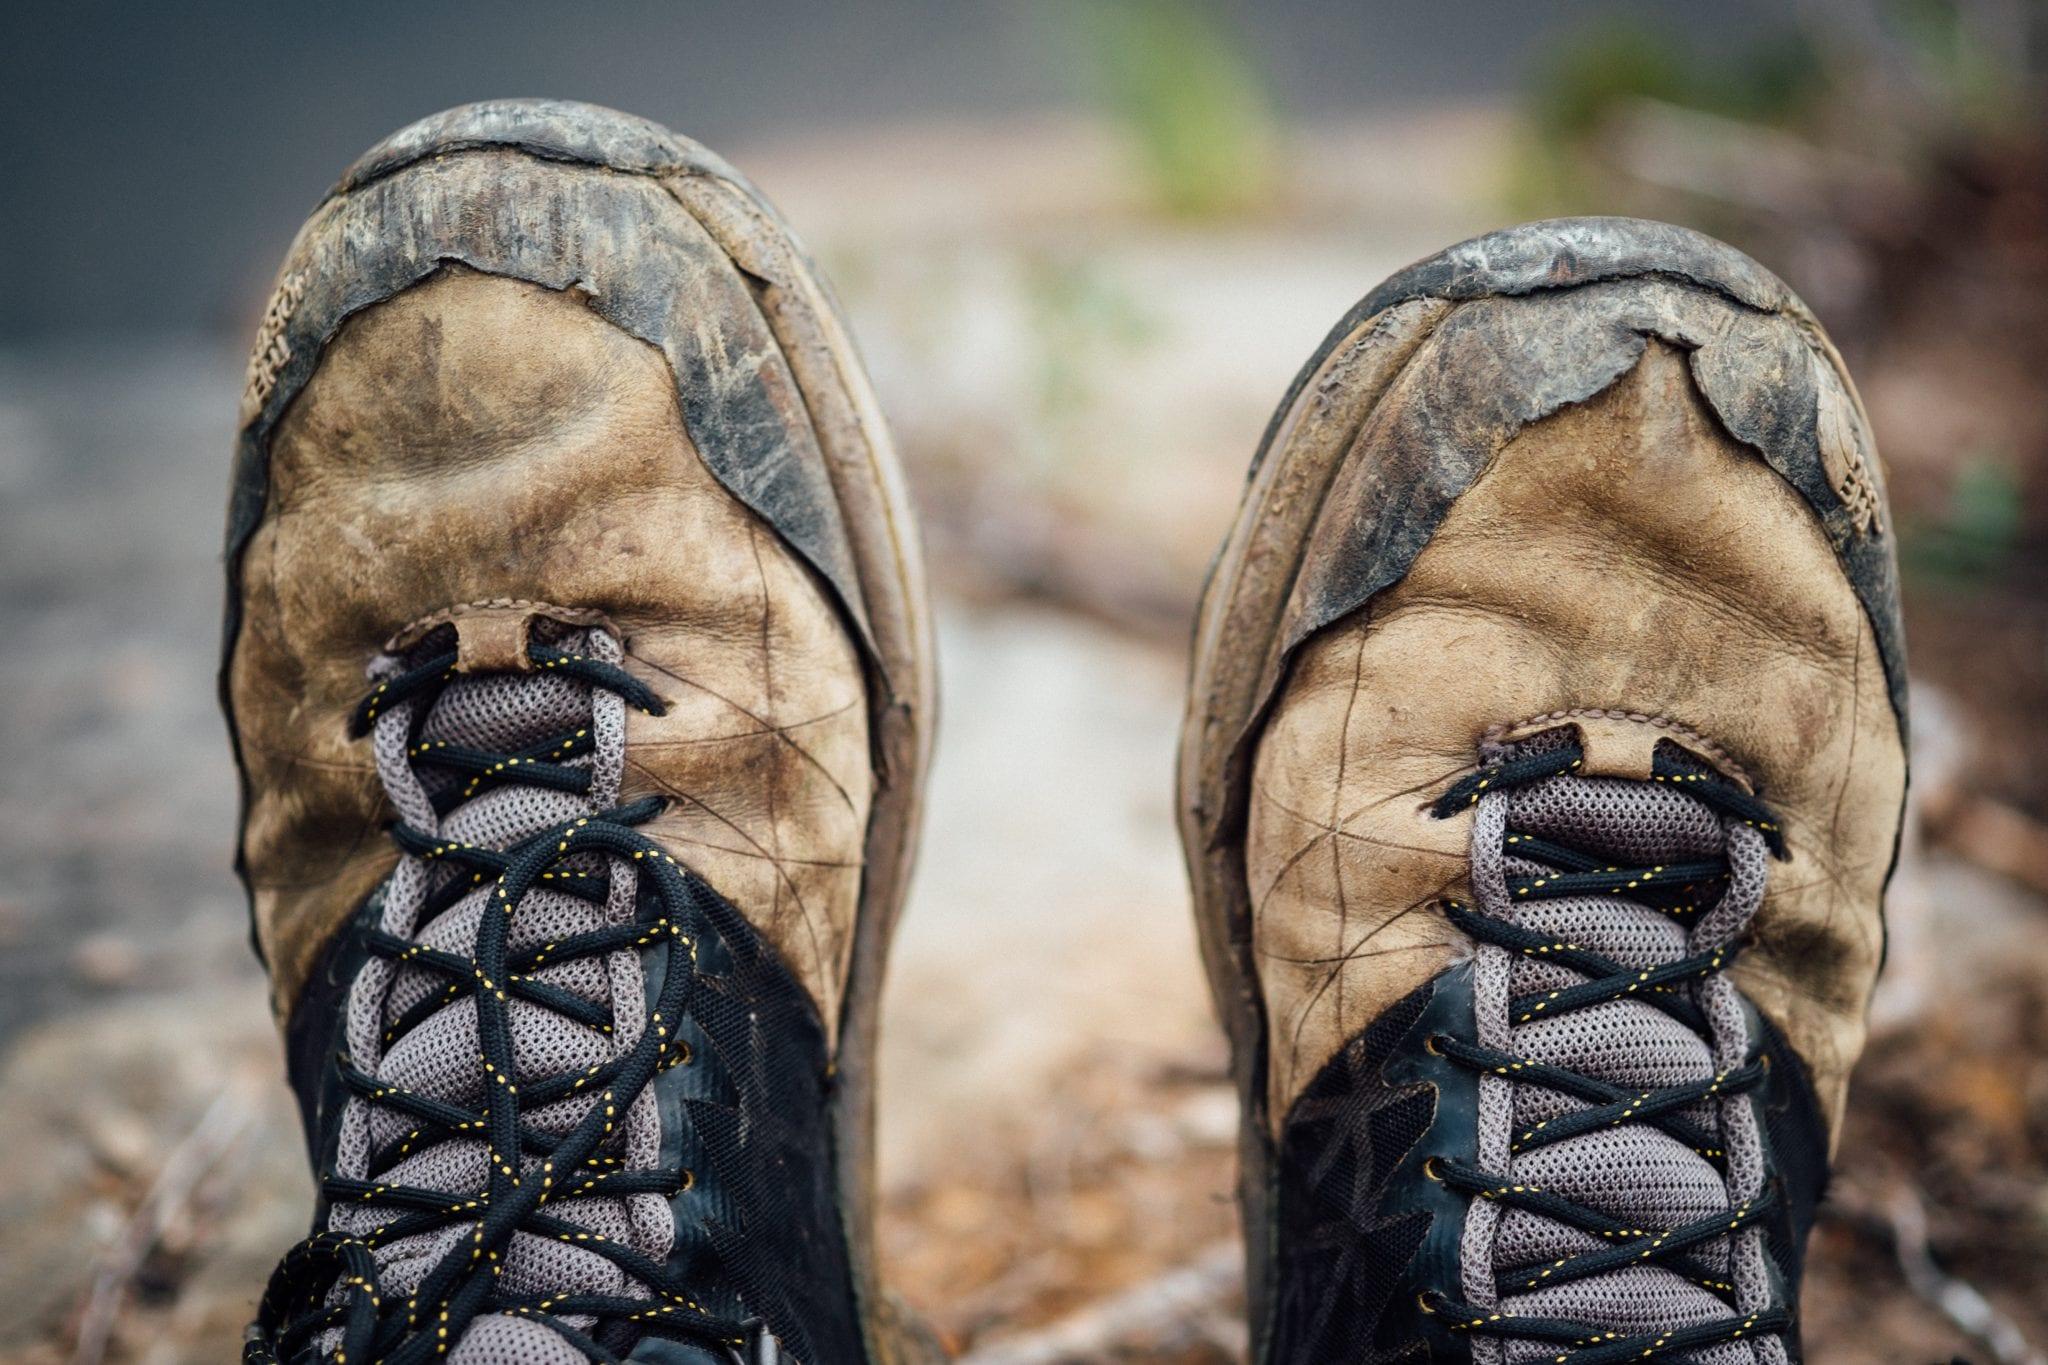 e0ffaf53ea6 Zo onderhoud je je wandelschoenen - Tips & Tricks - The Hike